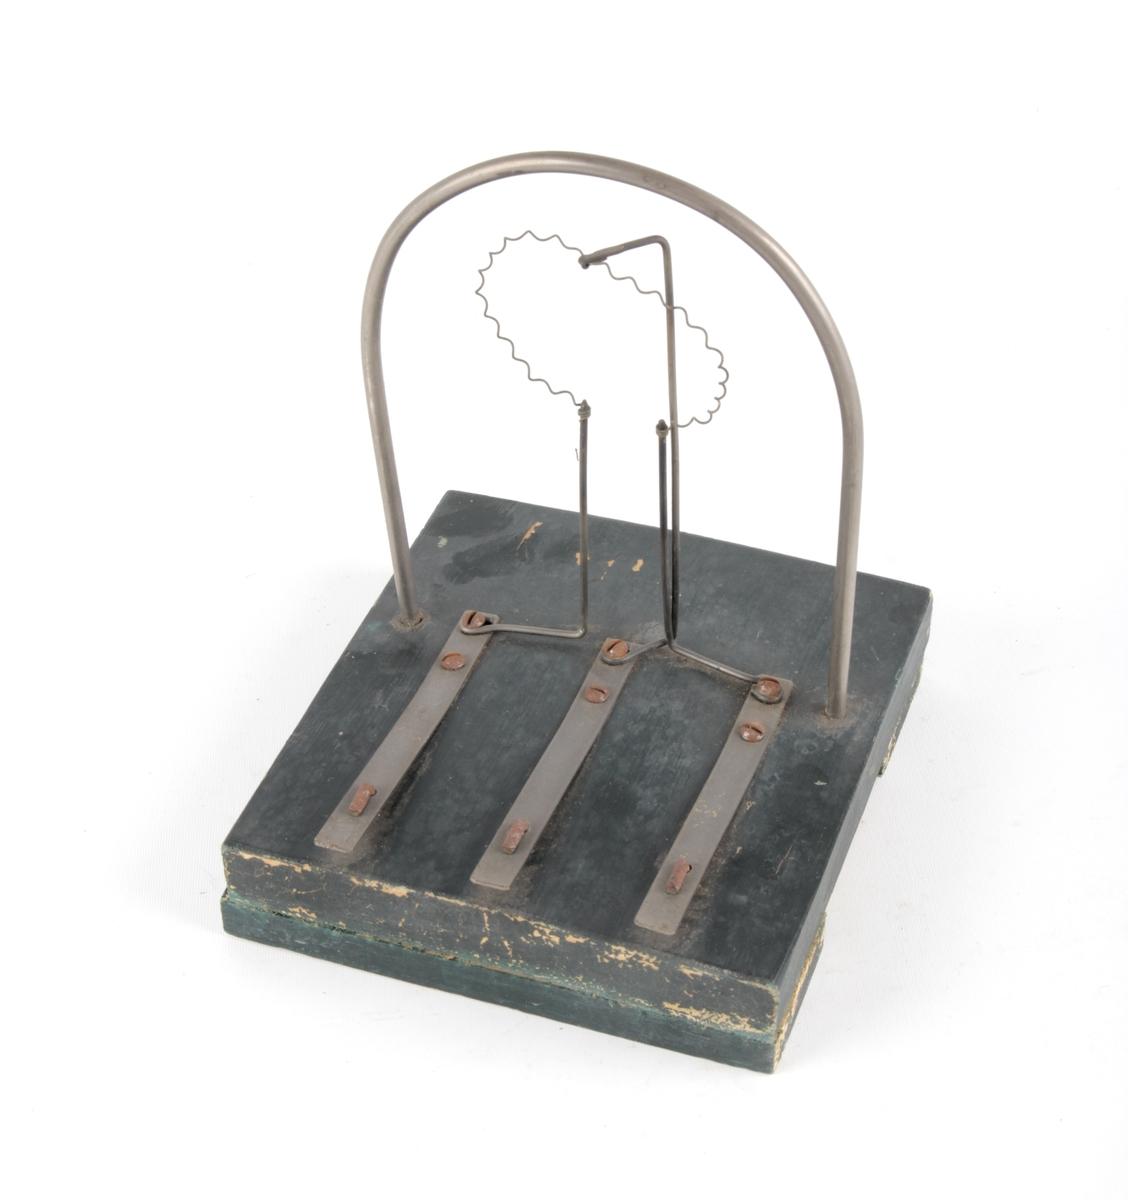 Modellen er montert på en tilnærmet kvadratisk treplate.